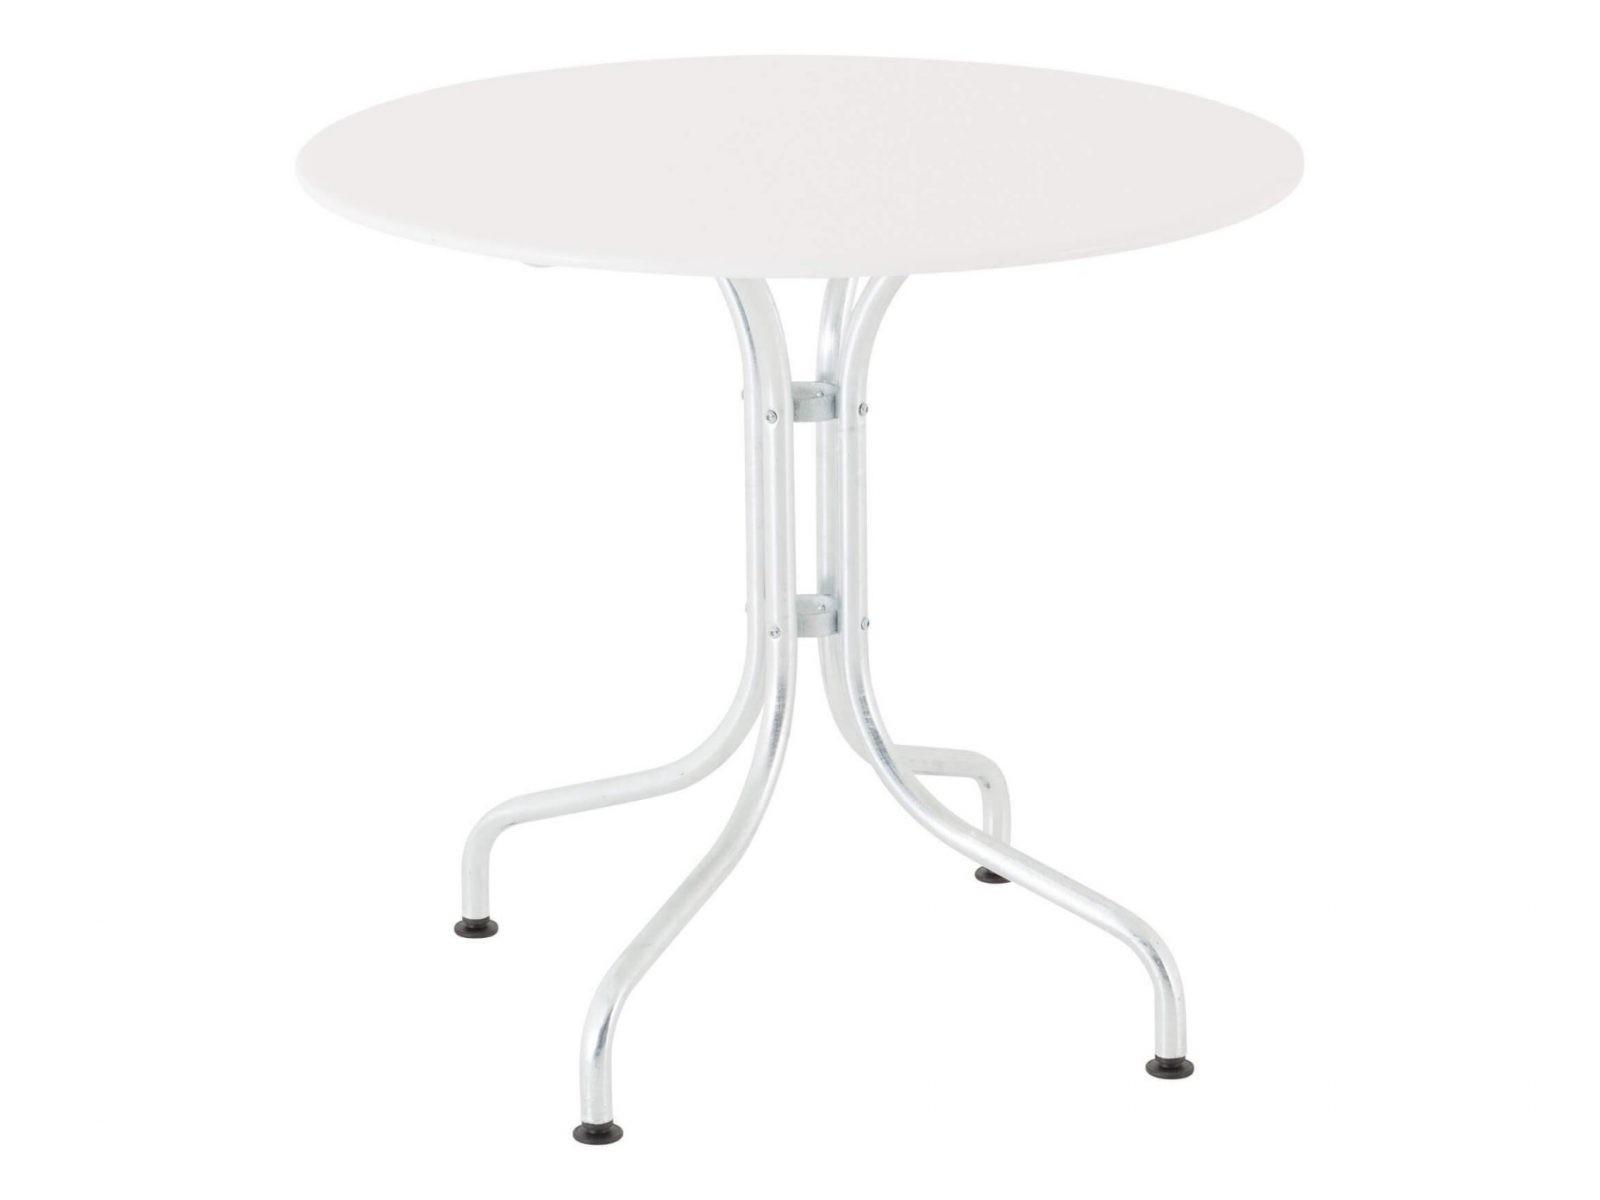 Gartentisch Rund 80 Cm Durchmesser Für Konzept Gartentisch Rund 150 von Gartentisch Rund 150 Cm Durchmesser Photo